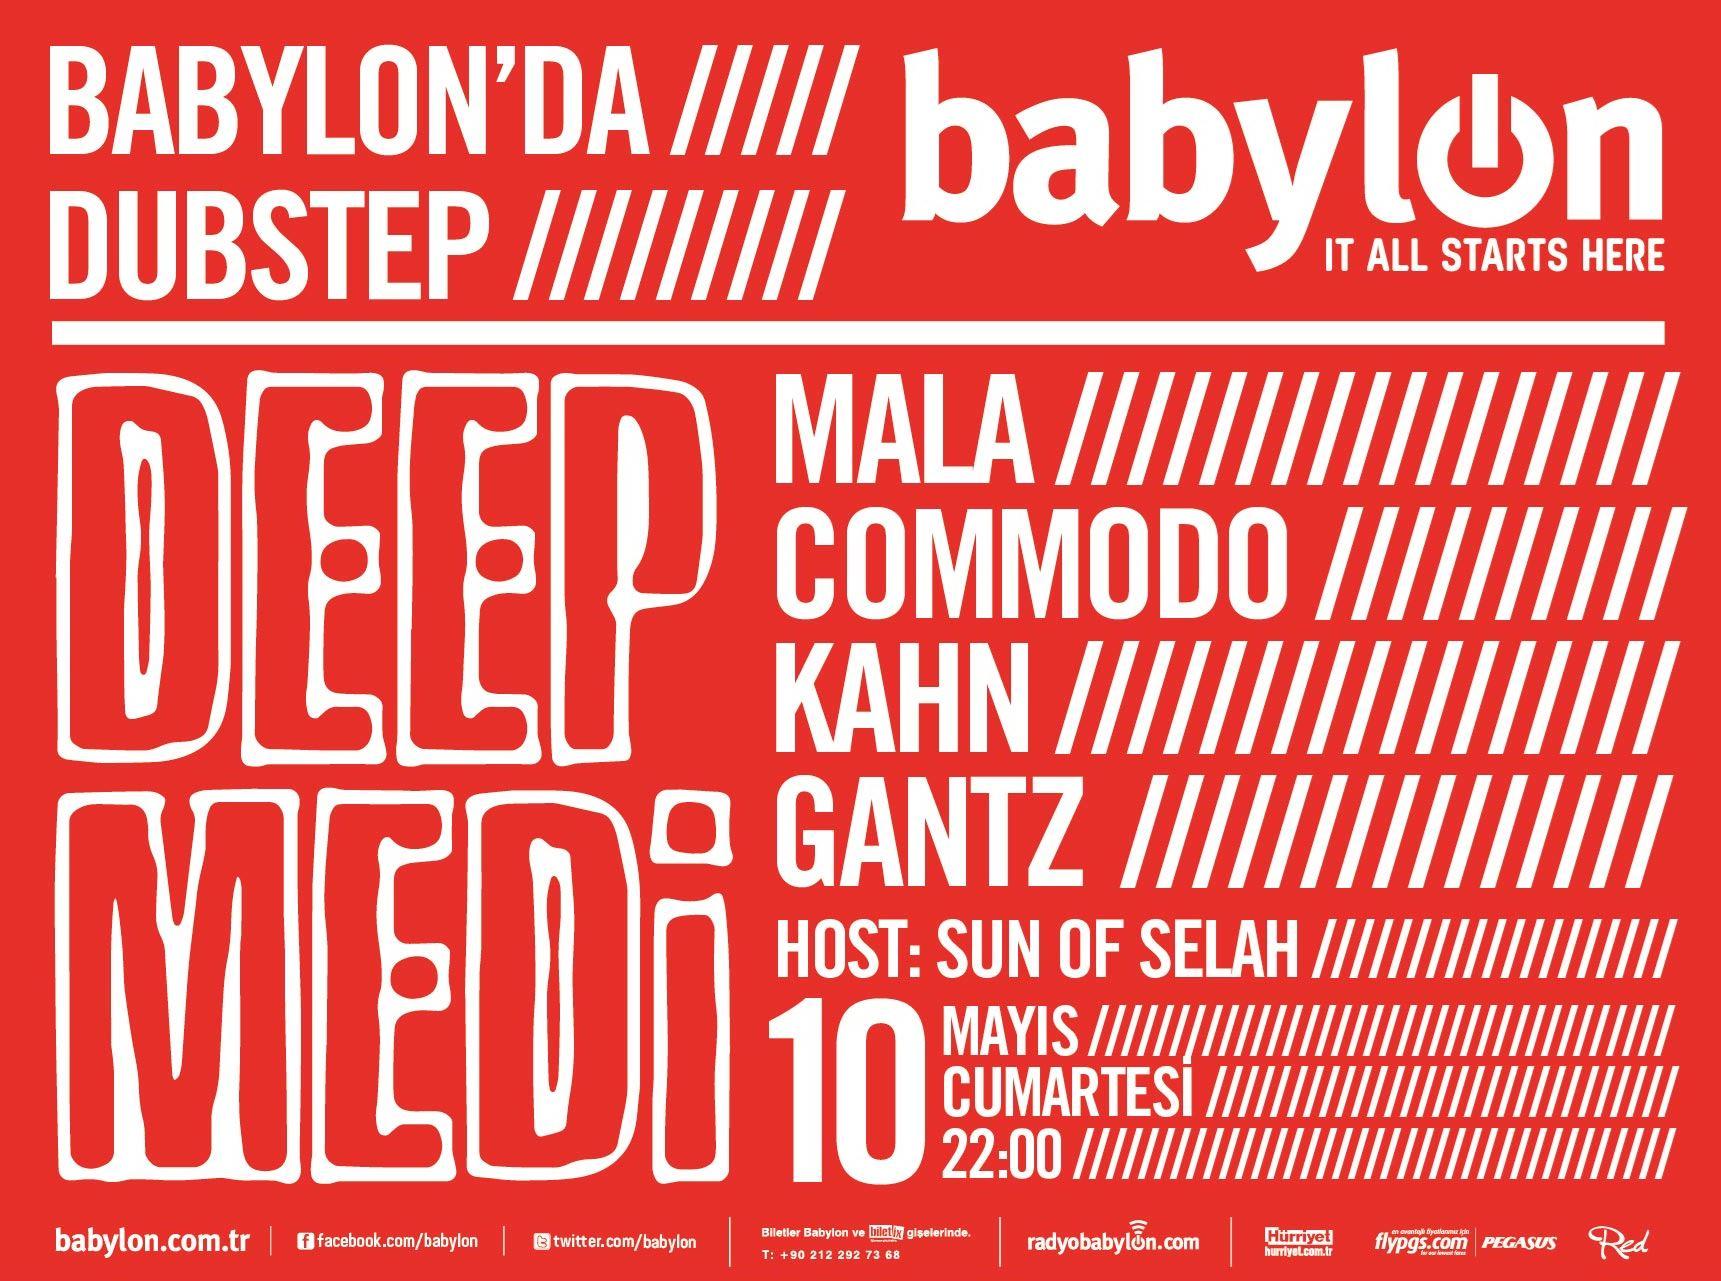 Deep Medi Label Night: Mala, Commodo, Kahn, Gantz